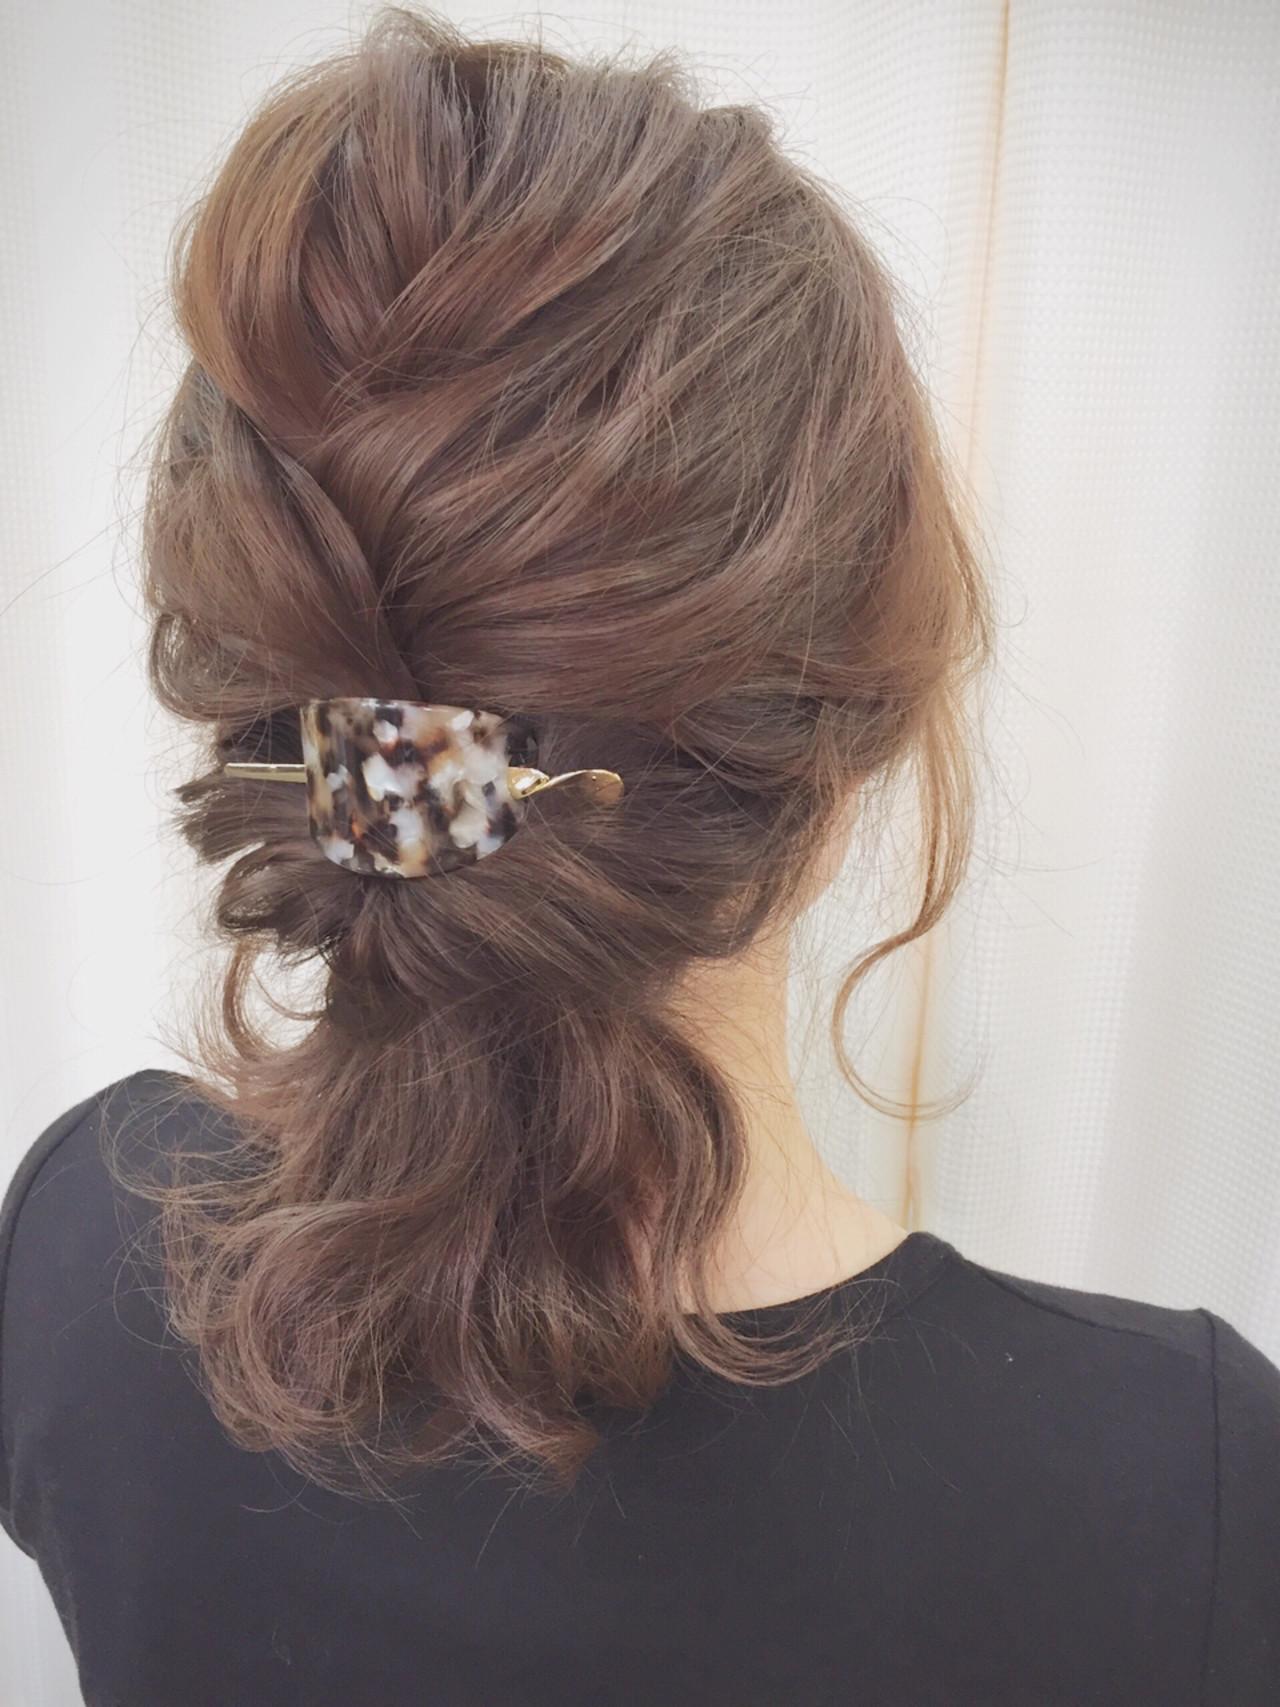 ミディアム パーティ 結婚式 ヘアアレンジ ヘアスタイルや髪型の写真・画像 | サワ / Seamu